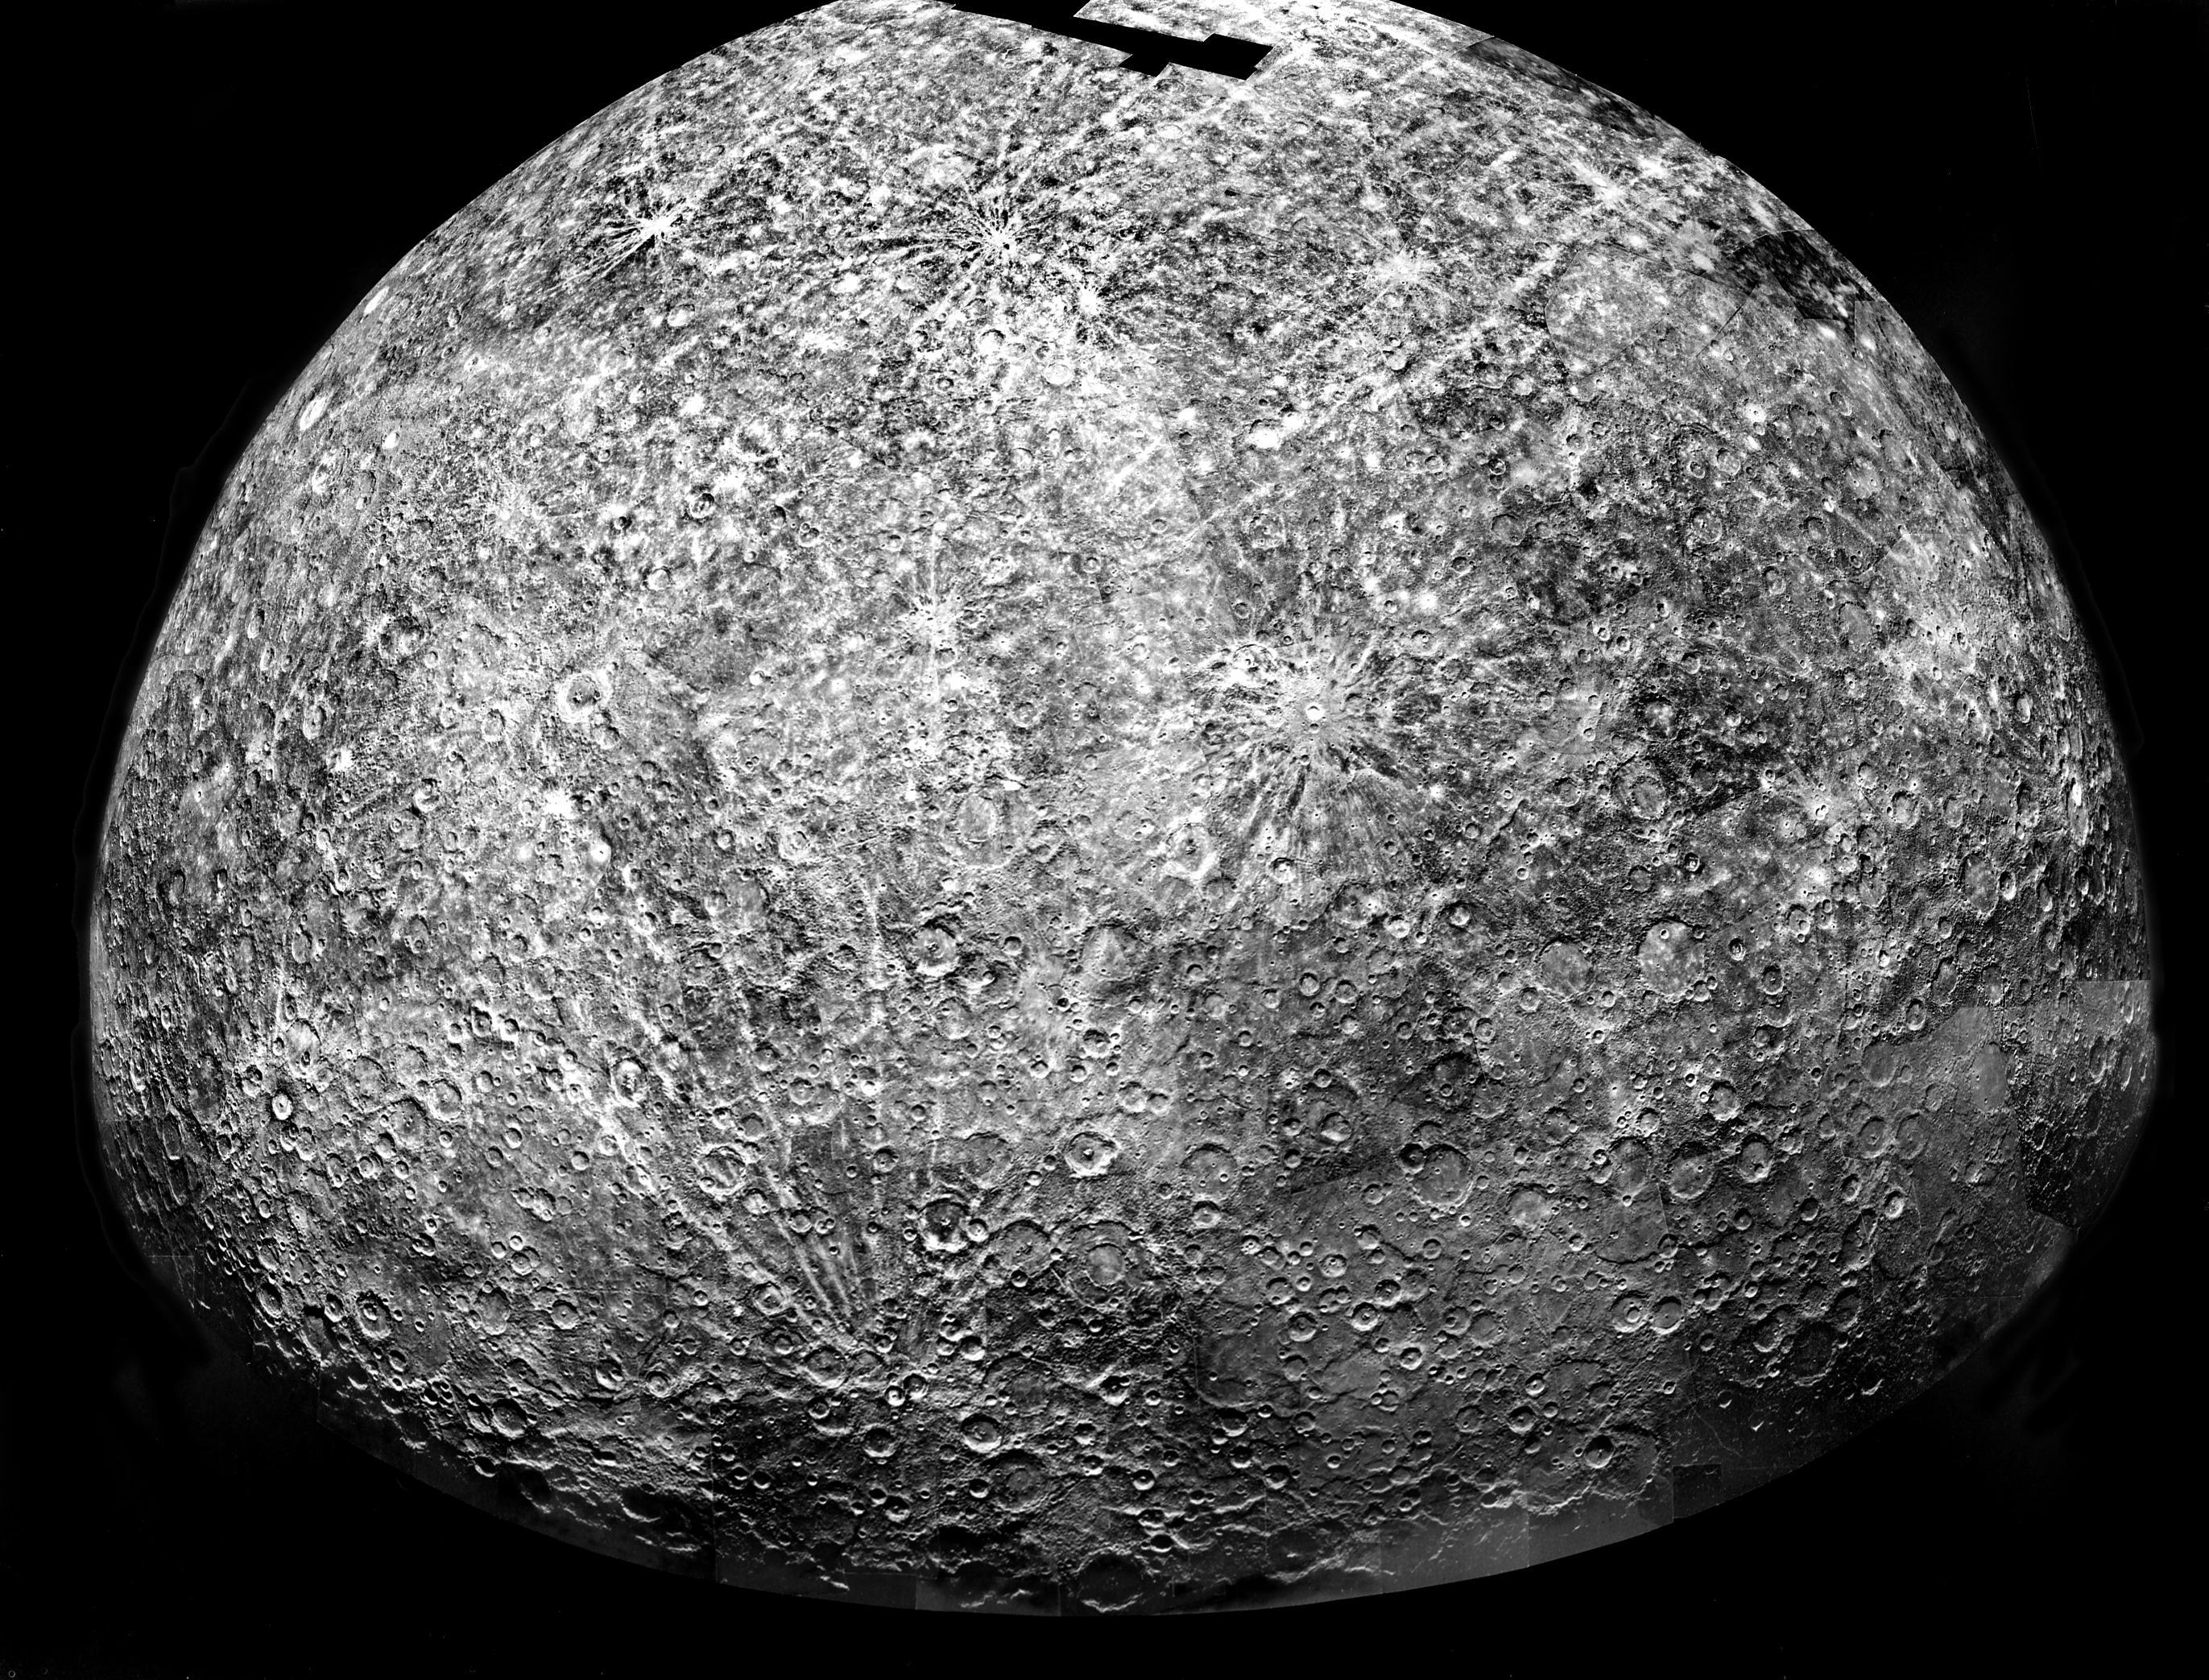 1567214837532-Mariner_10_Mercury_PIA03101.jpg